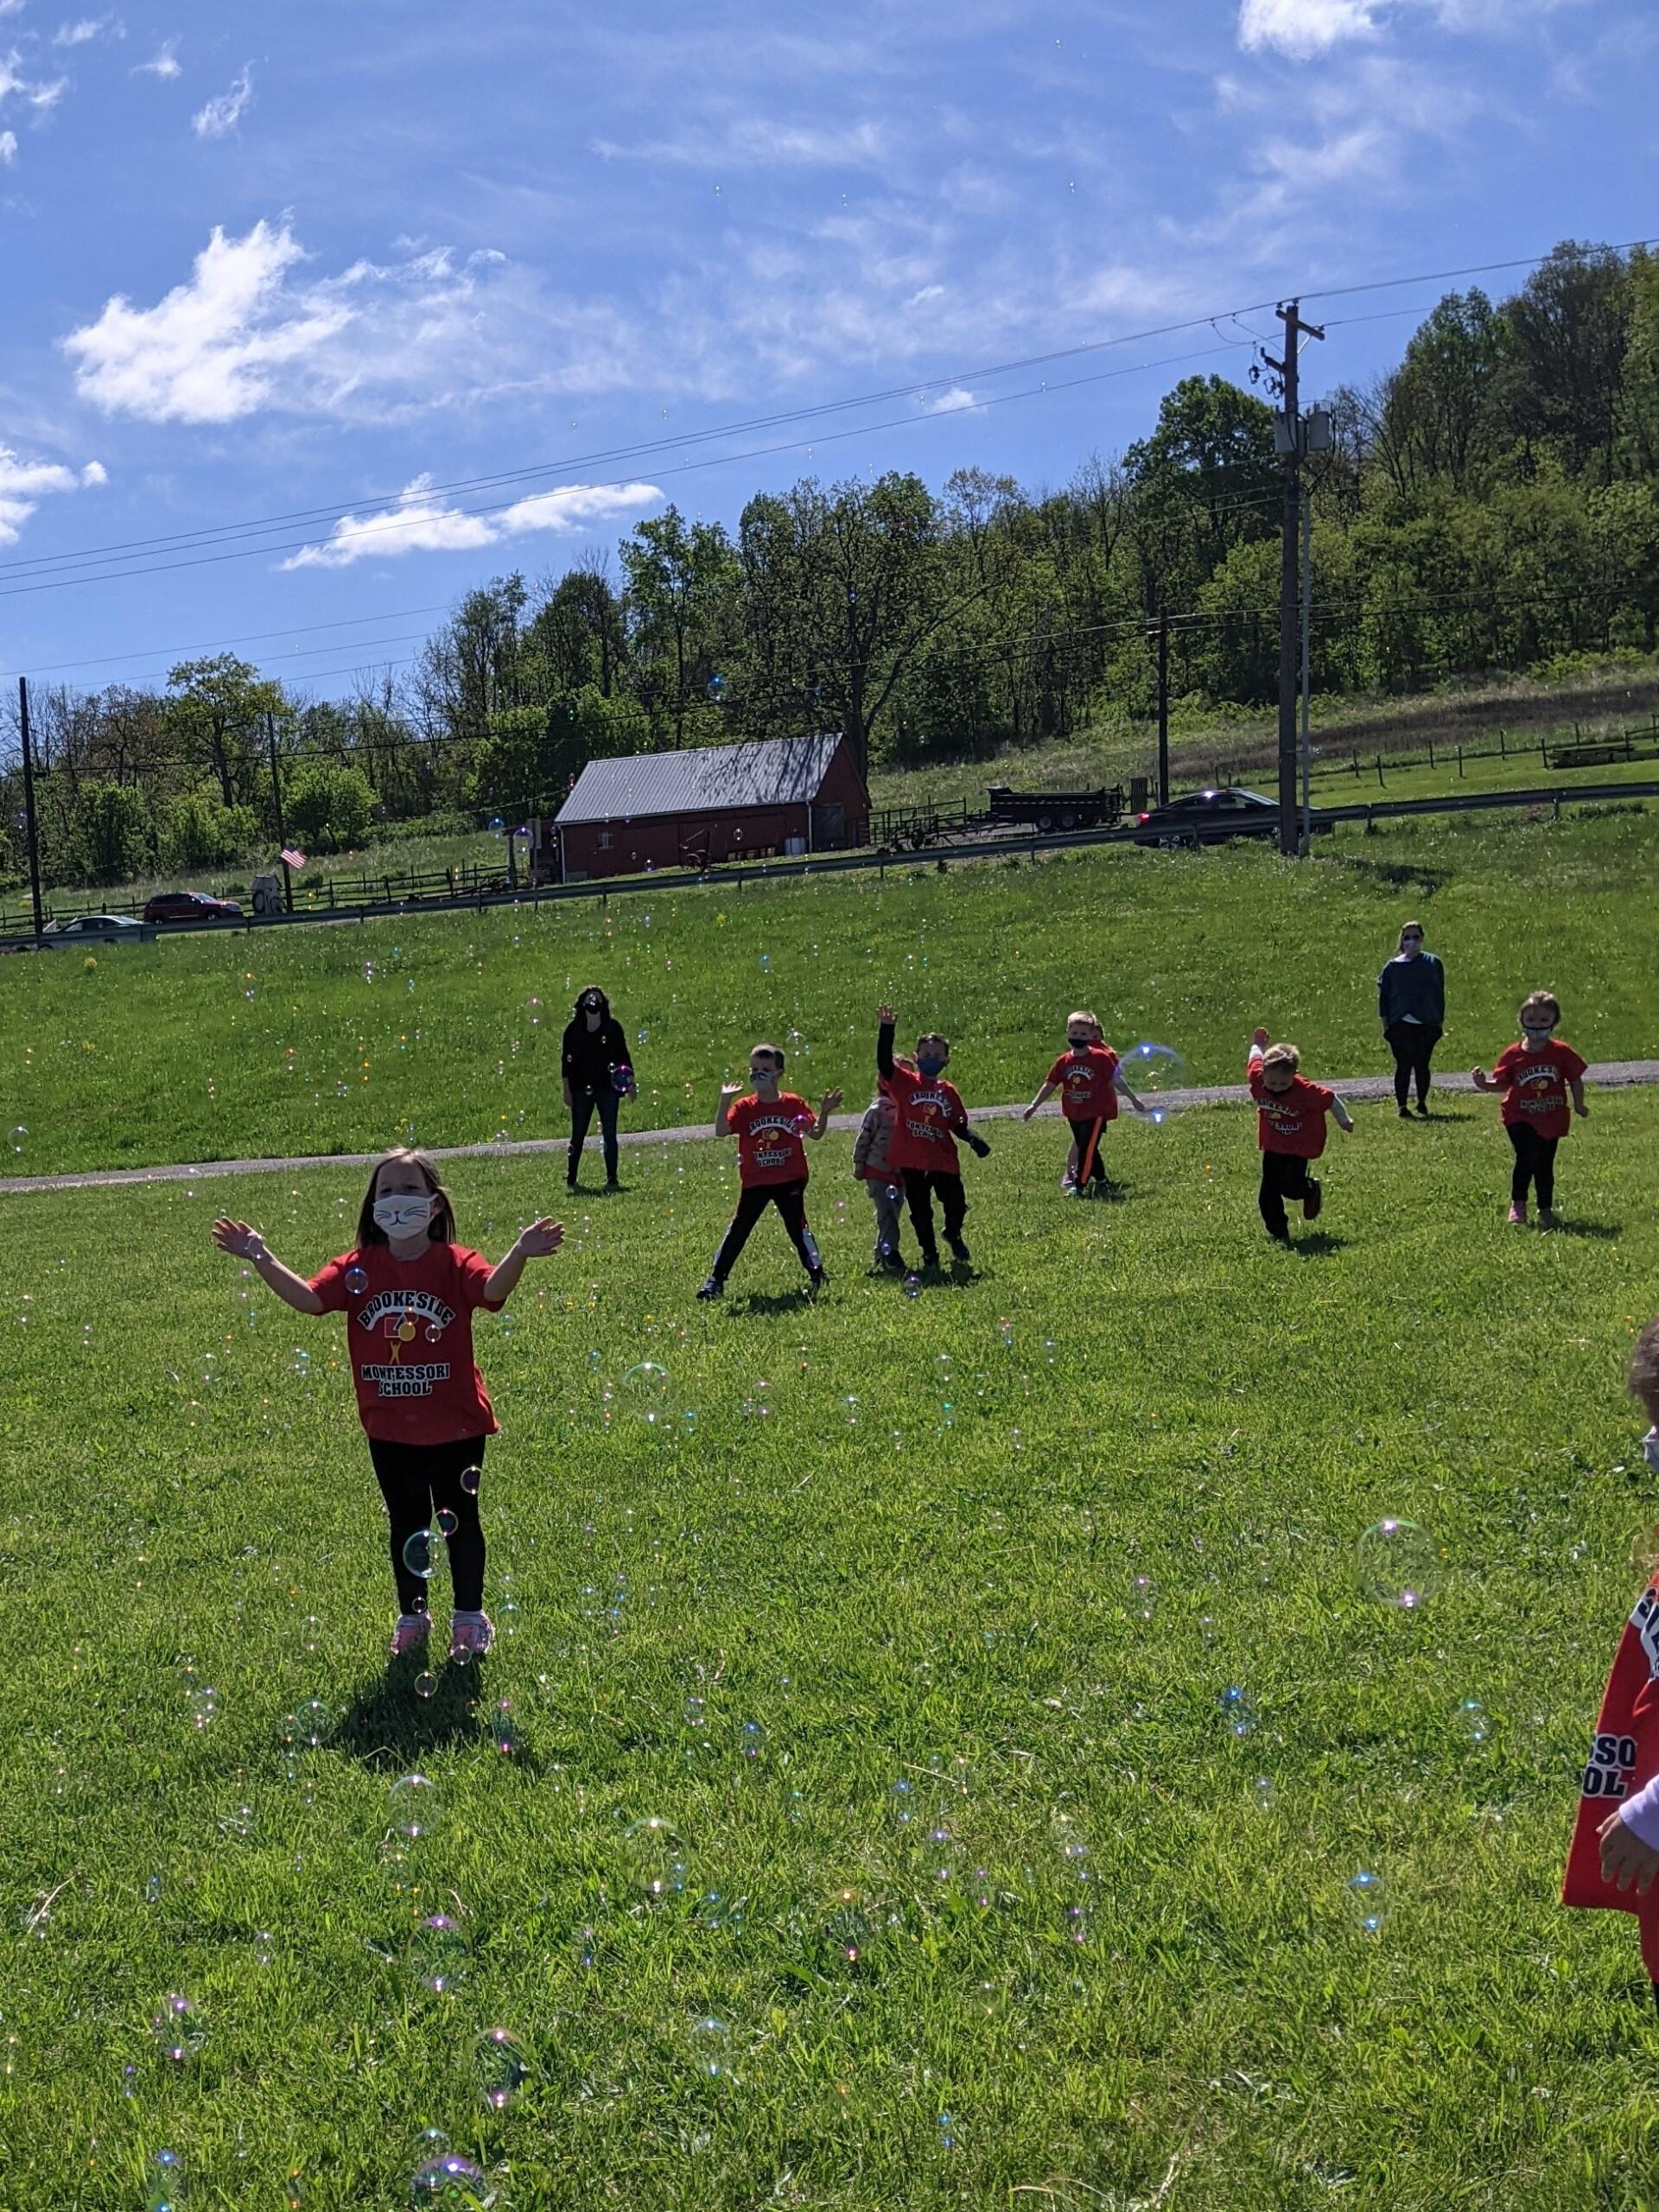 Field Day 2021 at Brookeside Montessori School - Bubble fun